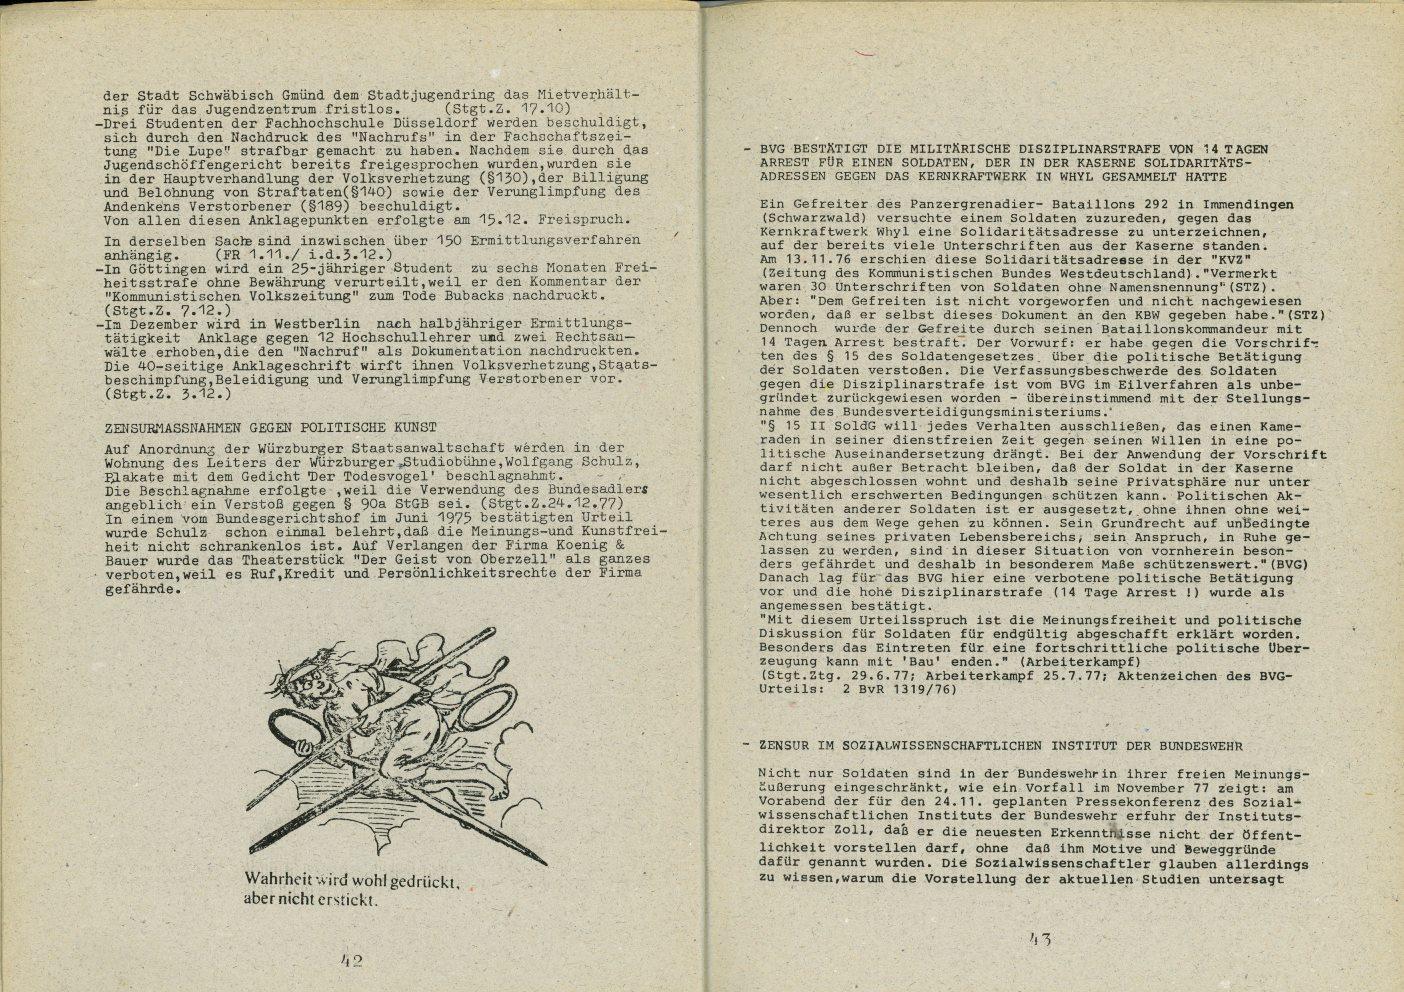 Stuttgart_AGRT_Menschenrechtsverletzungen_Leseheft_1978_23